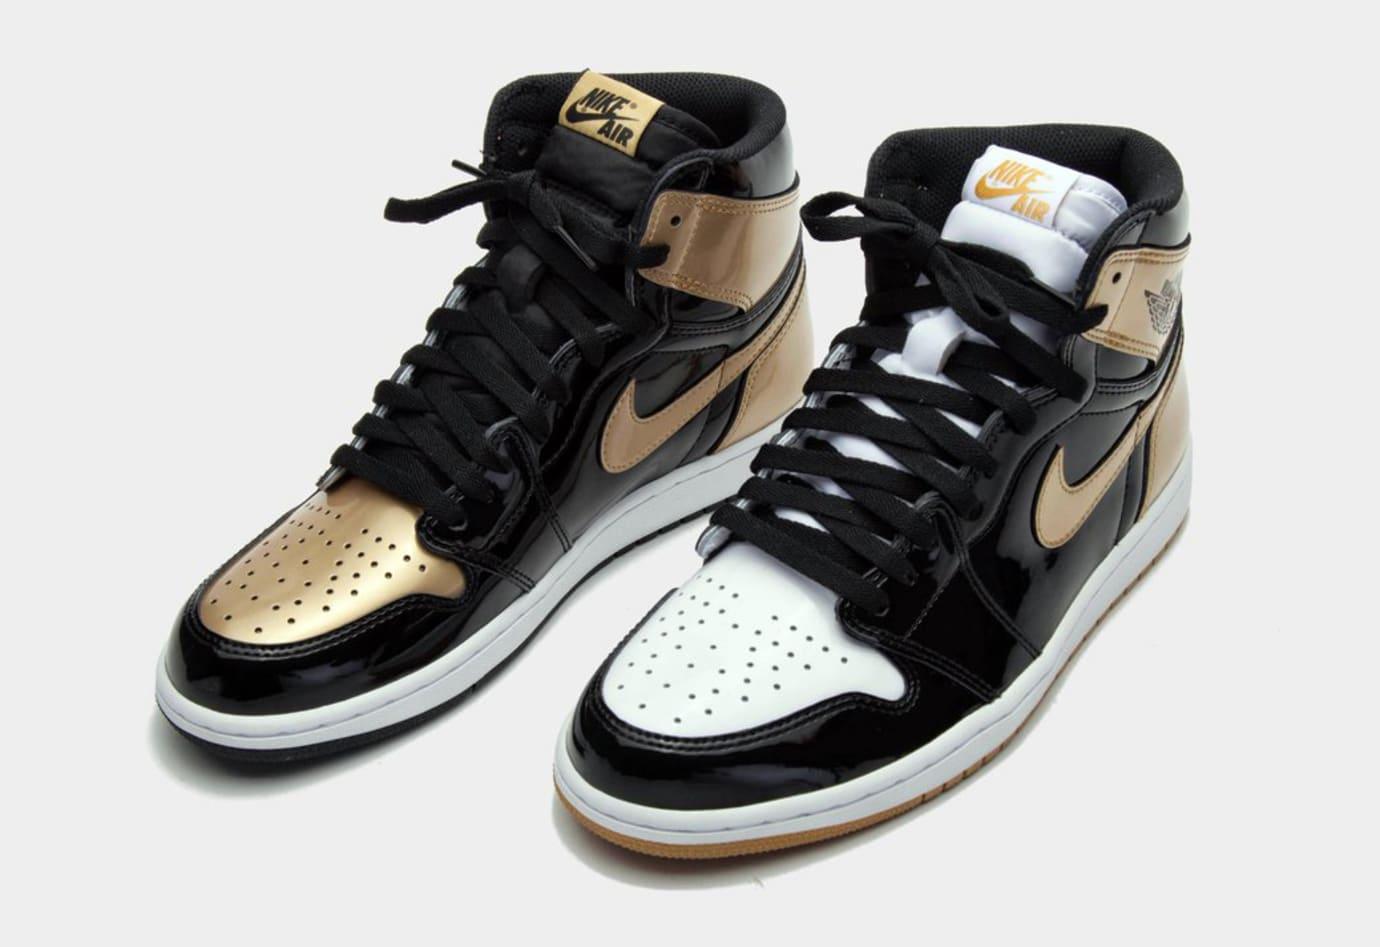 Gold Air Jordan 1 Top Three 2